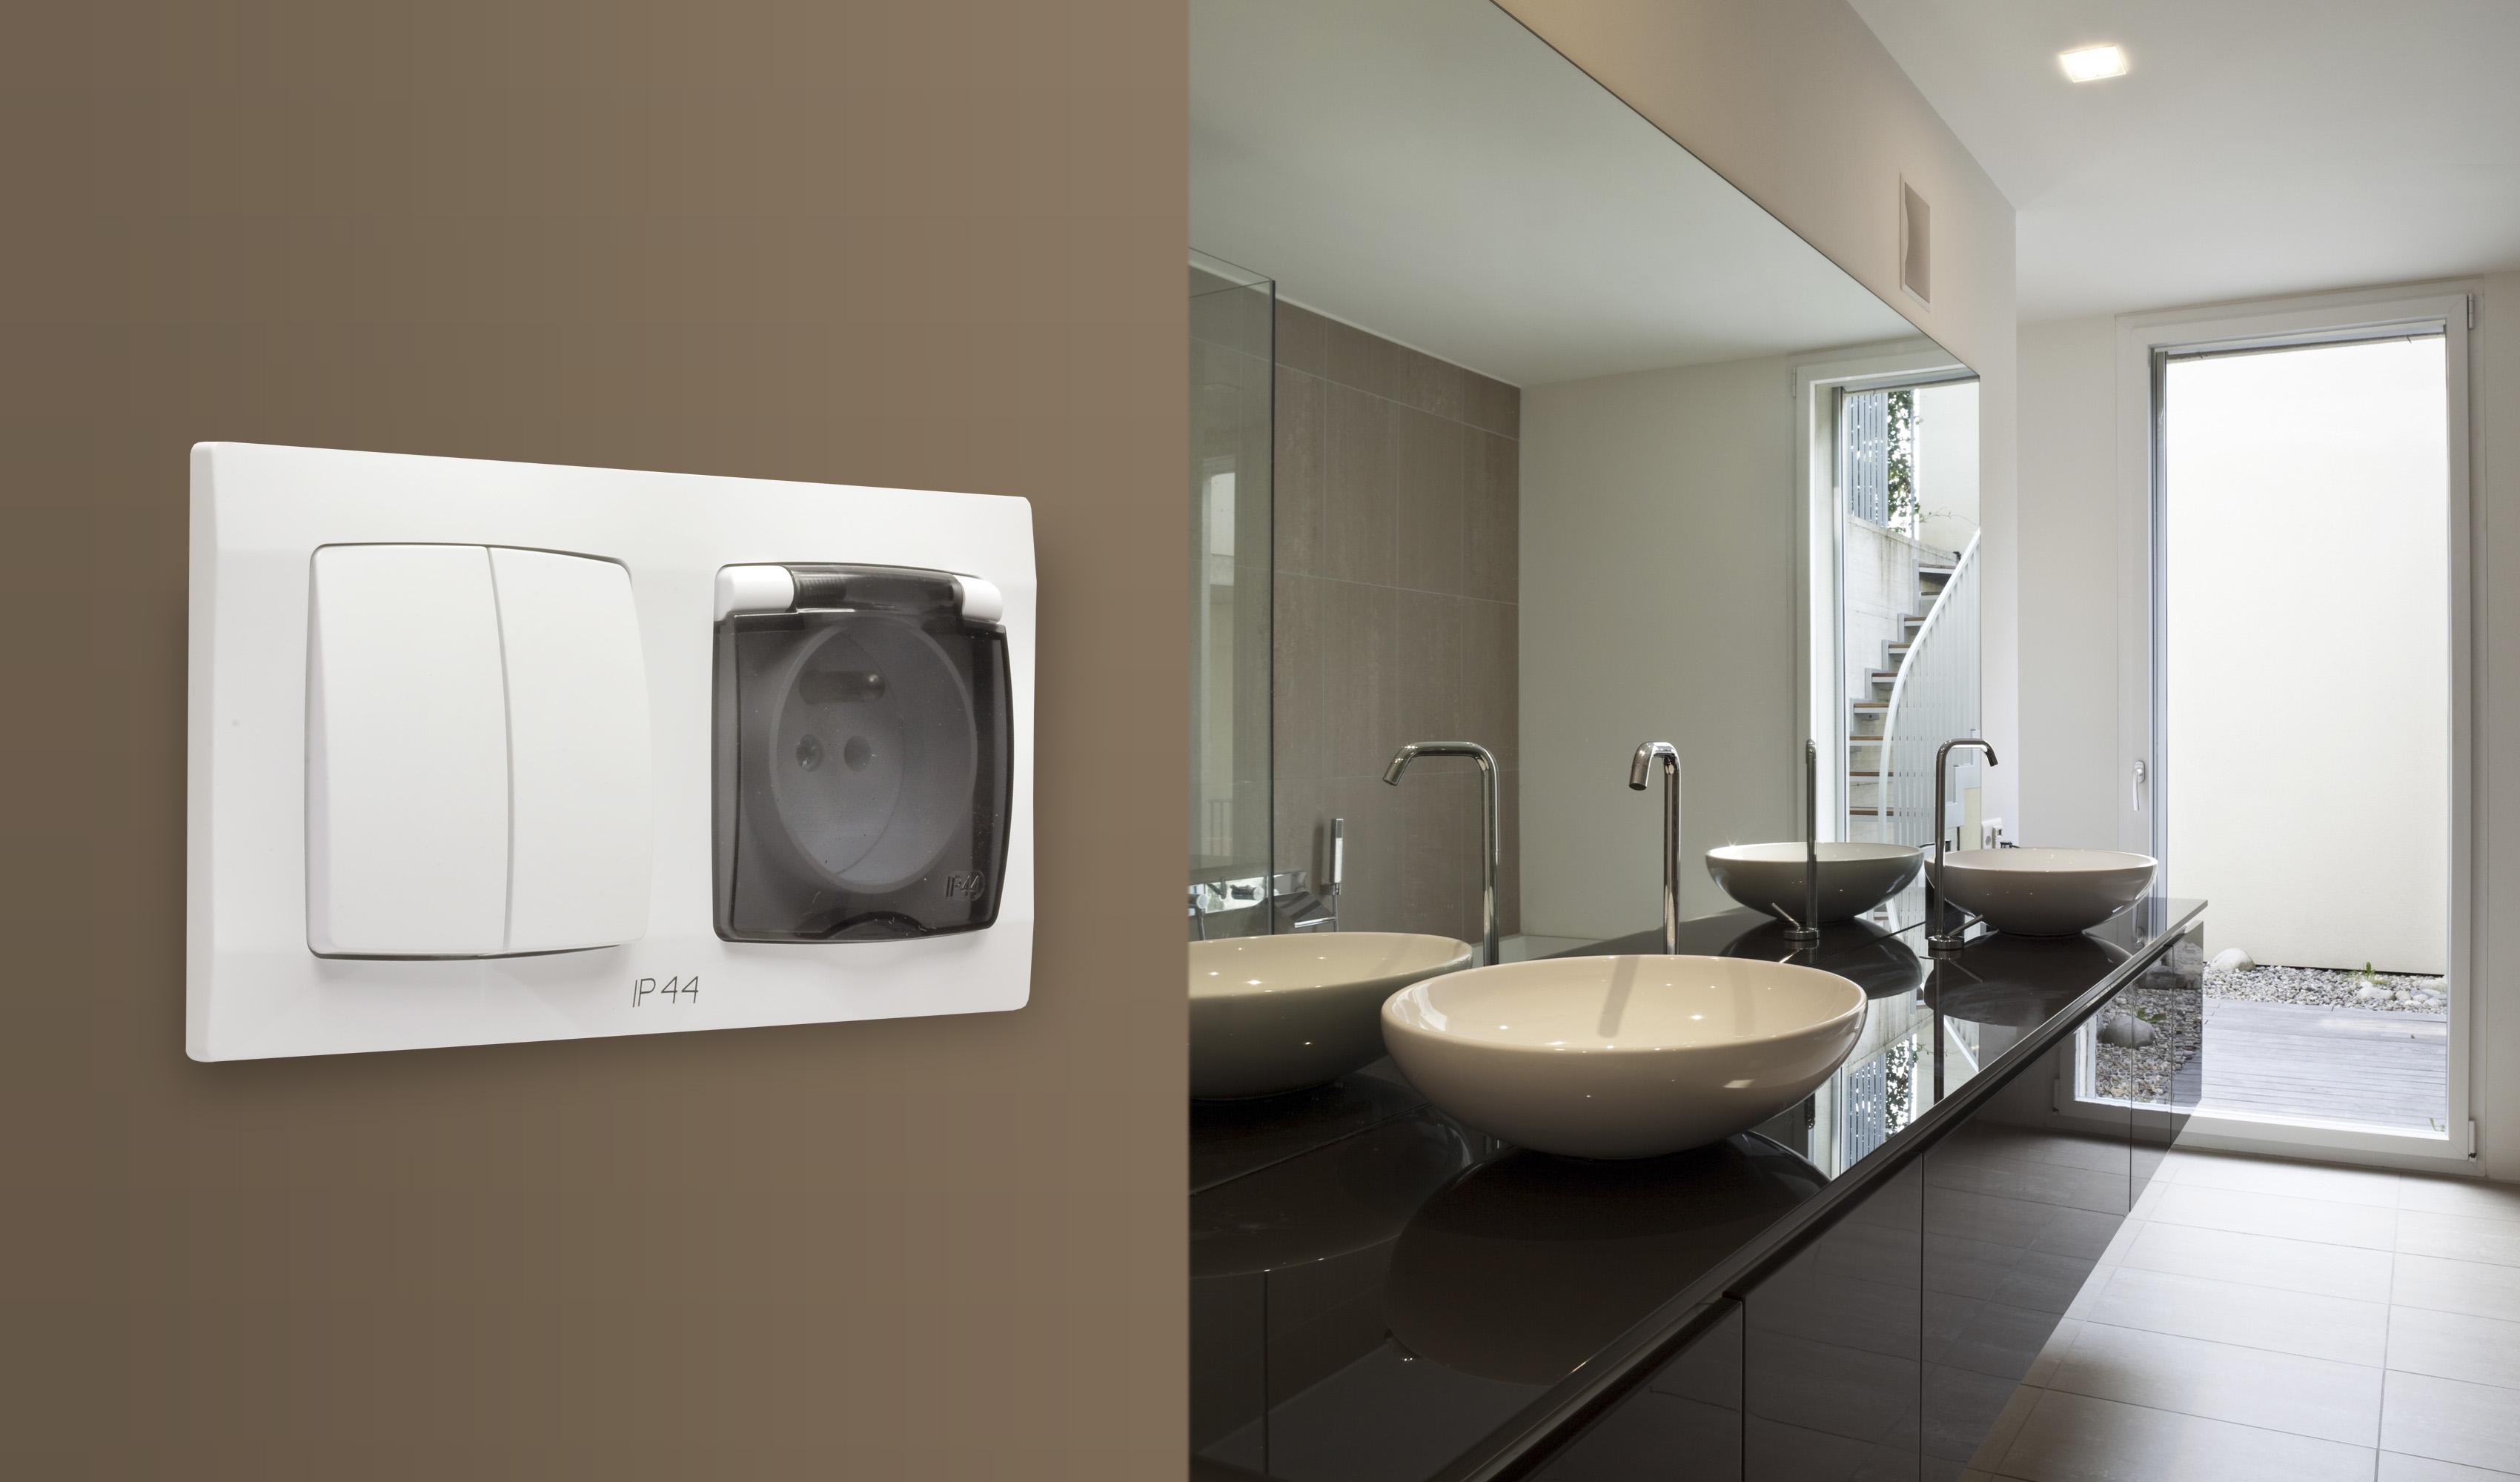 Modułowy osprzęt KARO w łazience. Fot. Ospel